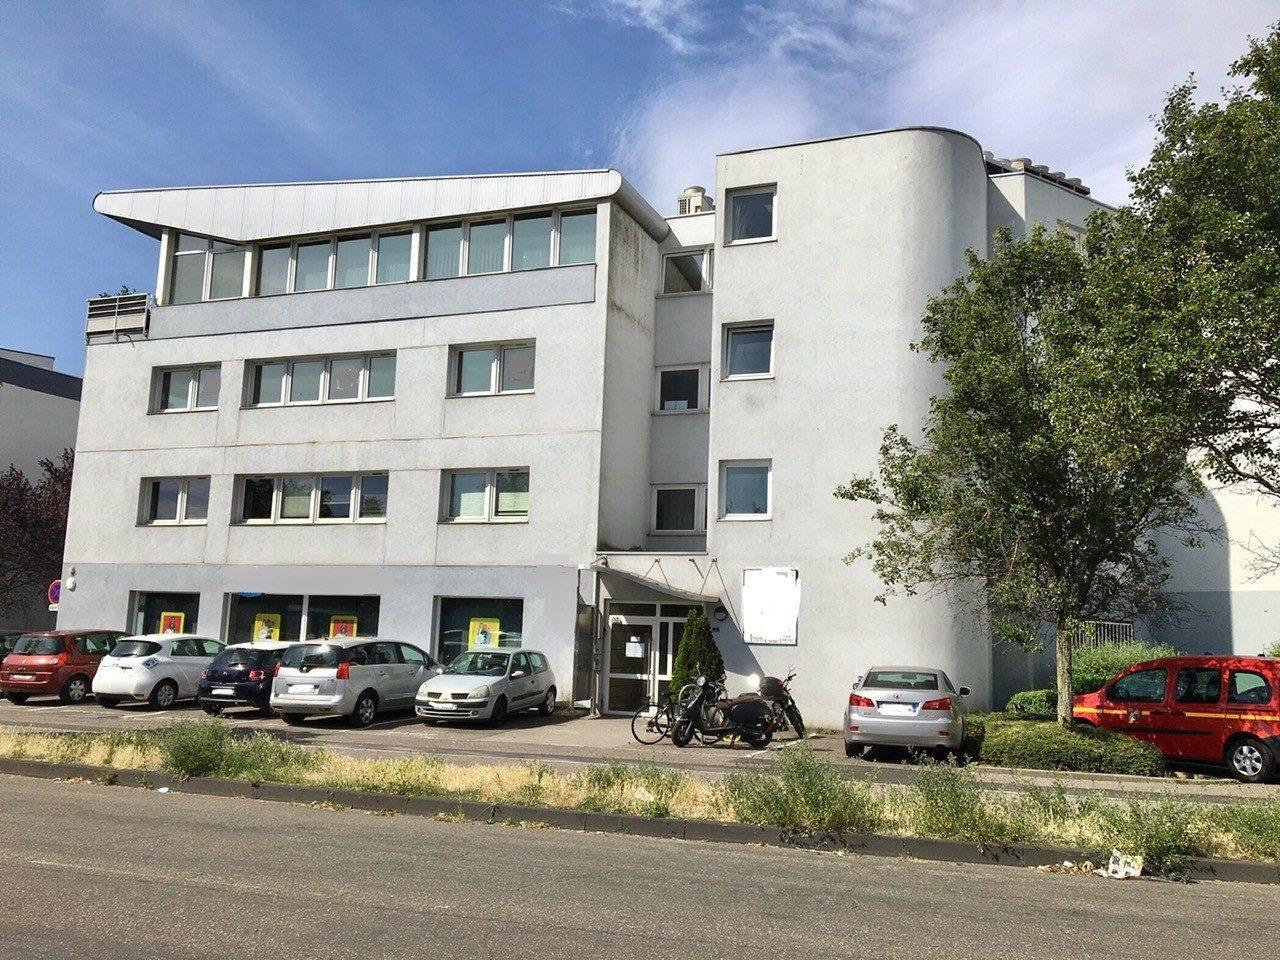 STRASBOURG OUEST - 255 m² des bureaux disponibles à l'achat